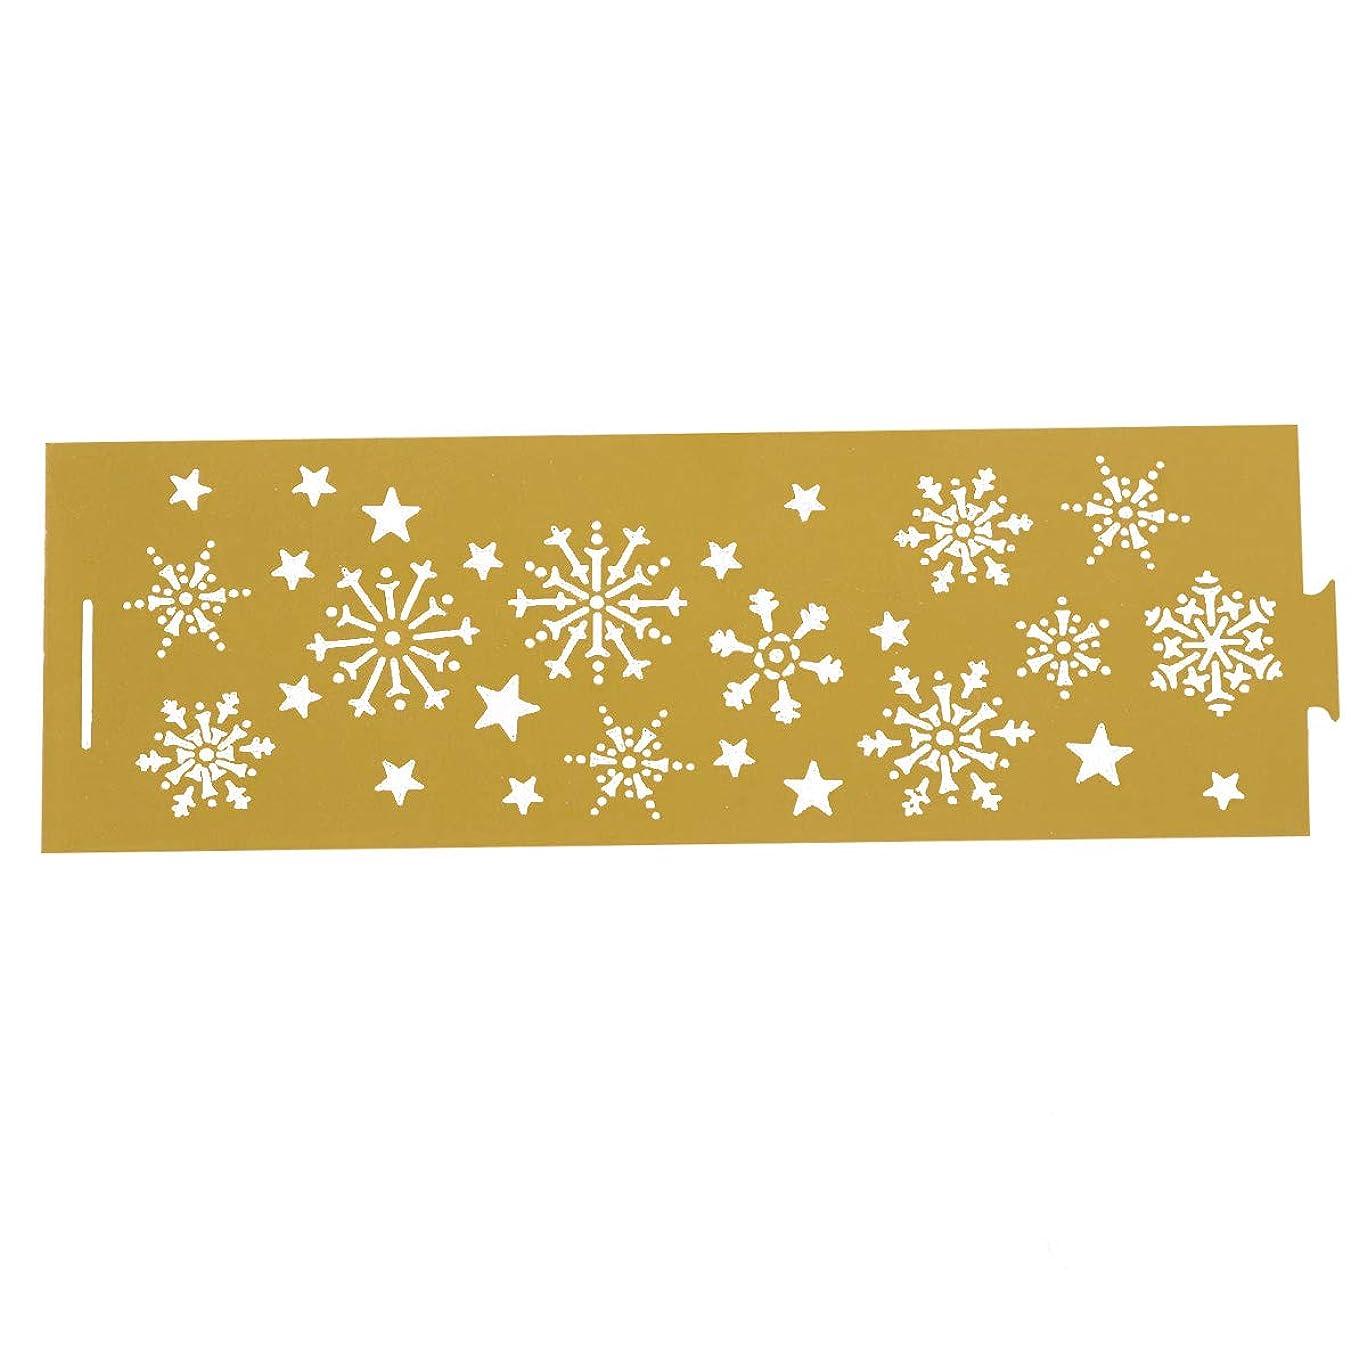 部分的に告白謙虚なBESTONZON 50ピースled電子キャンドルラッパーライト中空キャンドルシェードカバーペーパーラッパーペーパーキャンドル装飾(ゴールデン)